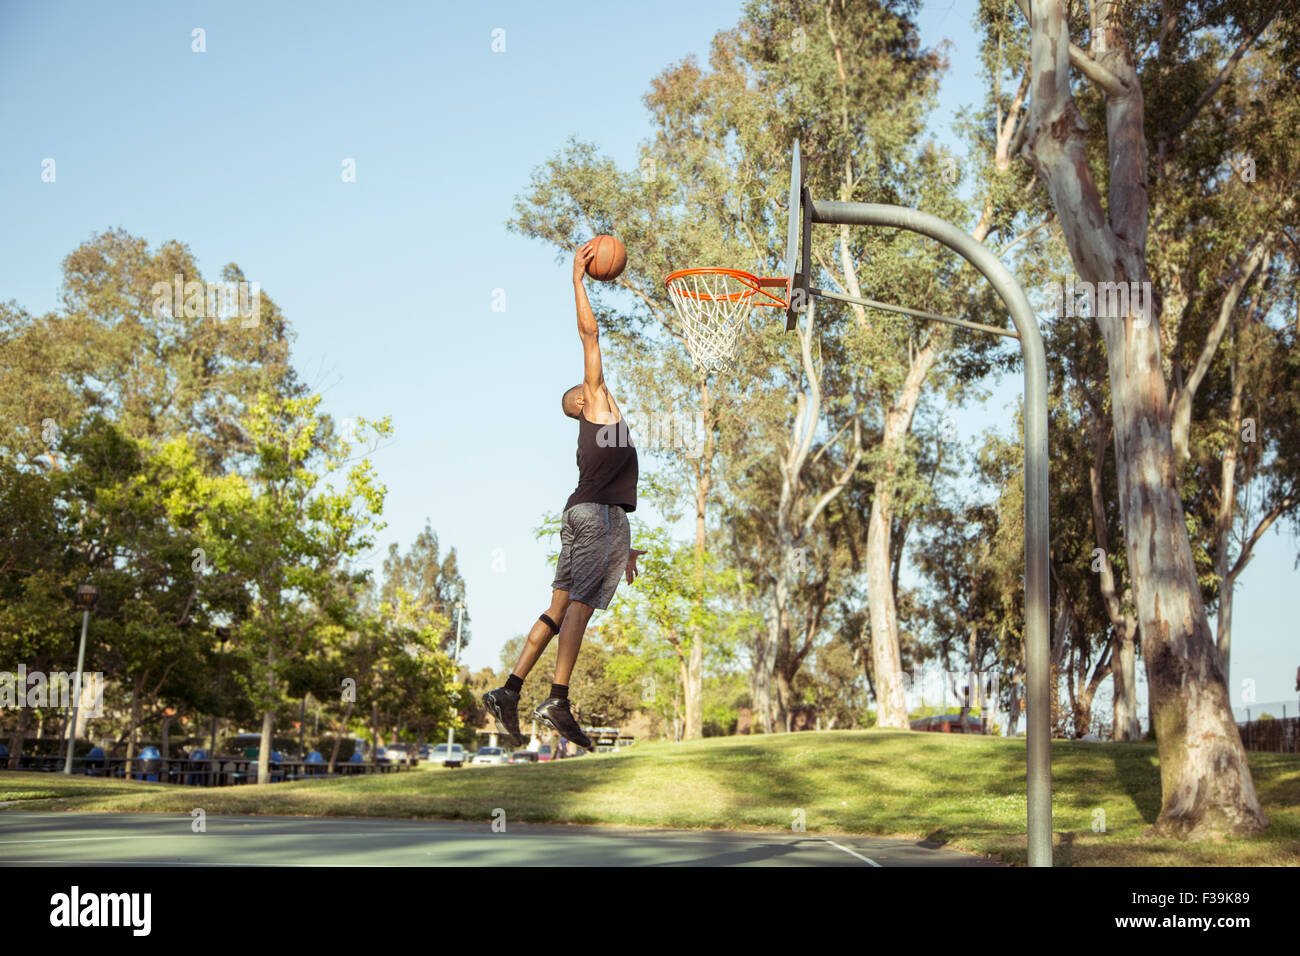 Hombre disparar aros de baloncesto en el parque al atardecer Imagen De Stock